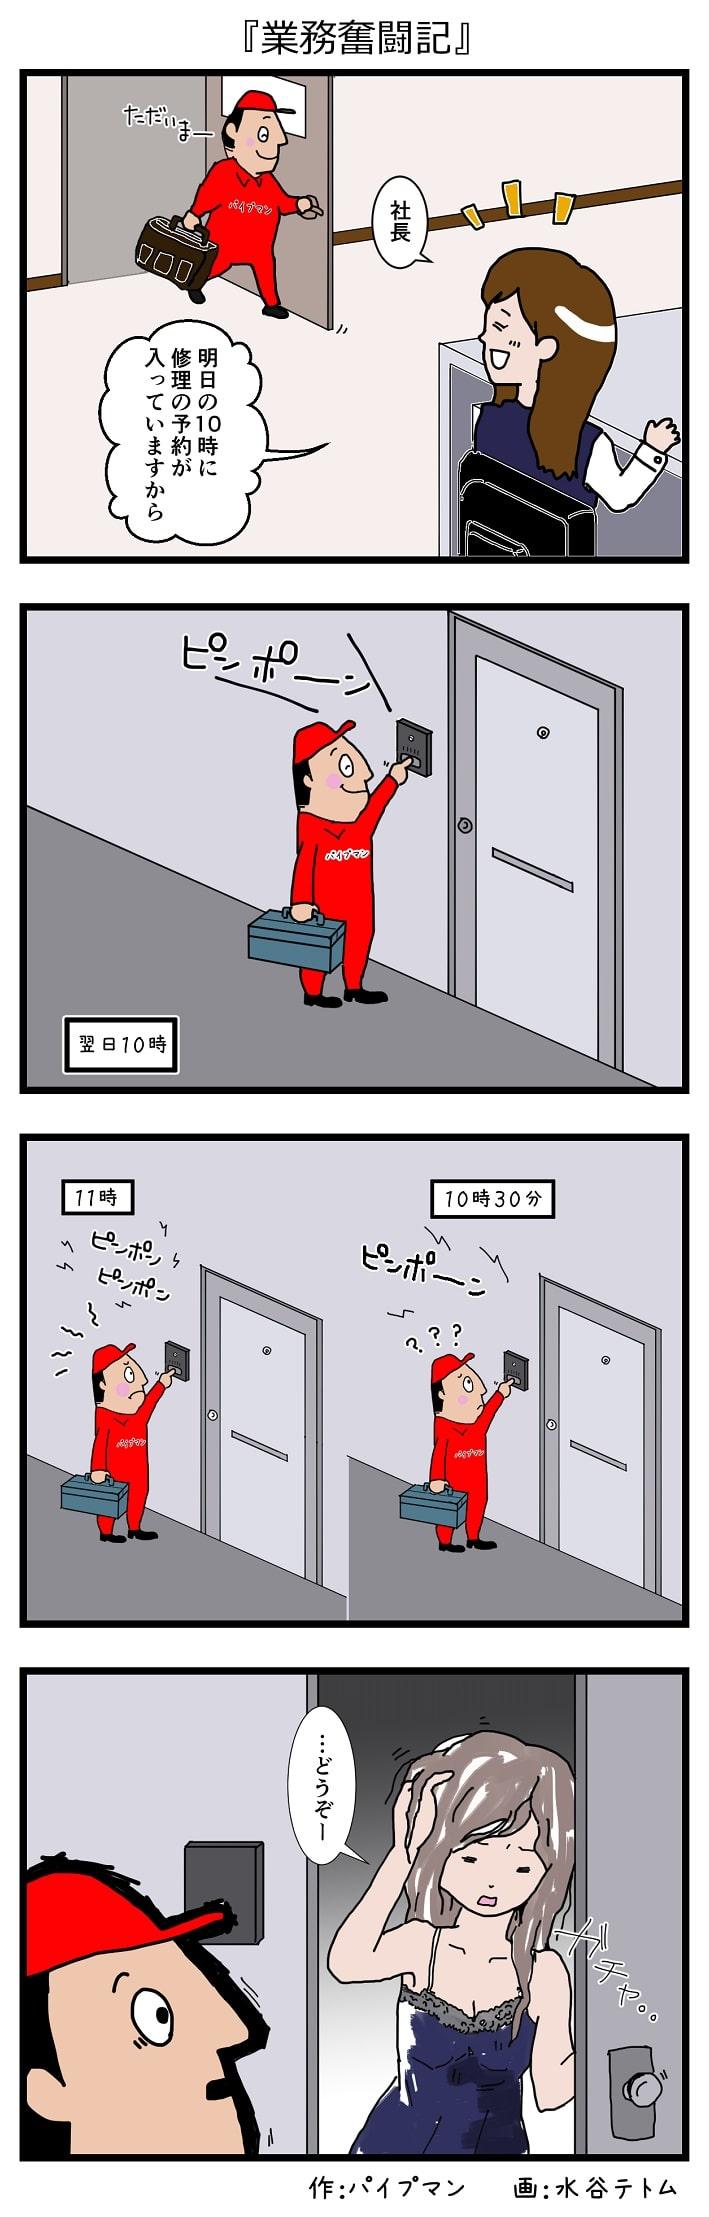 パイプマン漫画第12話